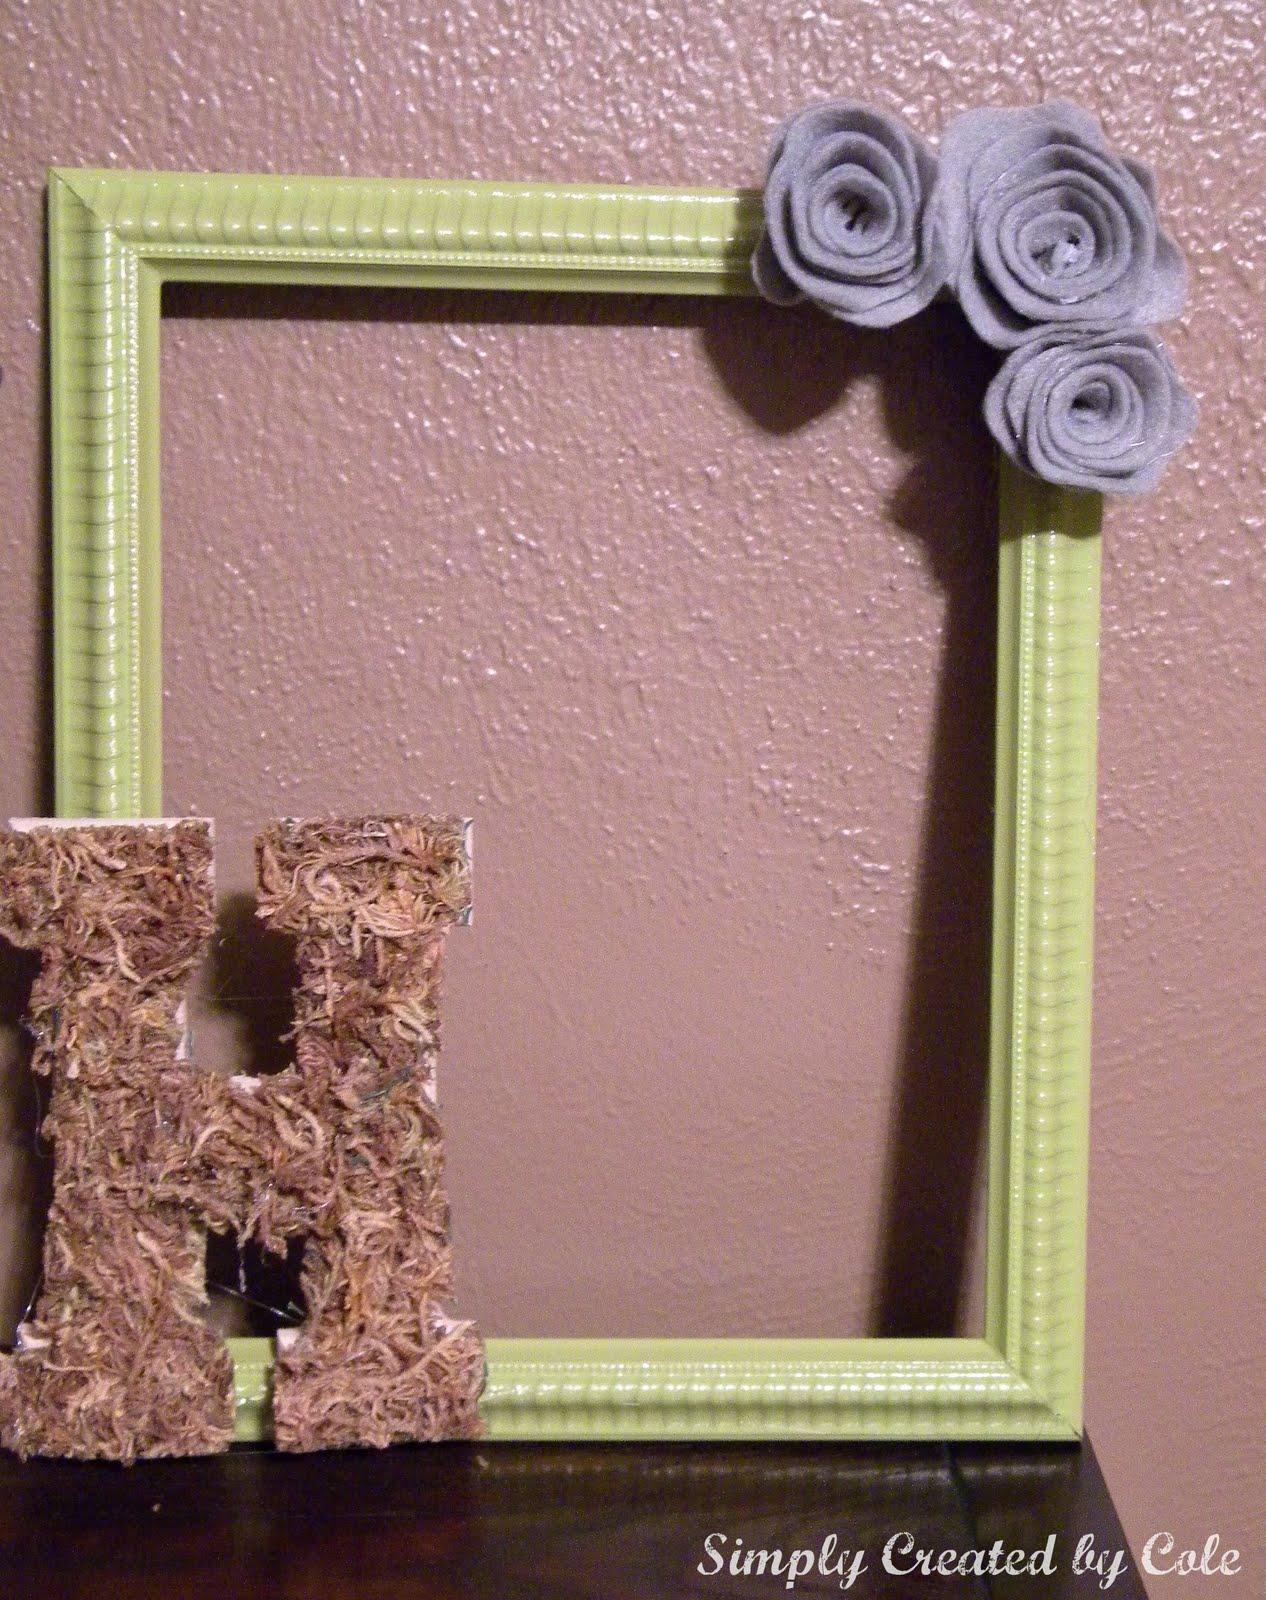 http://3.bp.blogspot.com/-sYJjDNpJ84E/TaKPsoz8xpI/AAAAAAAAAig/dnIrXG_WPTs/s1600/frameart.jpg